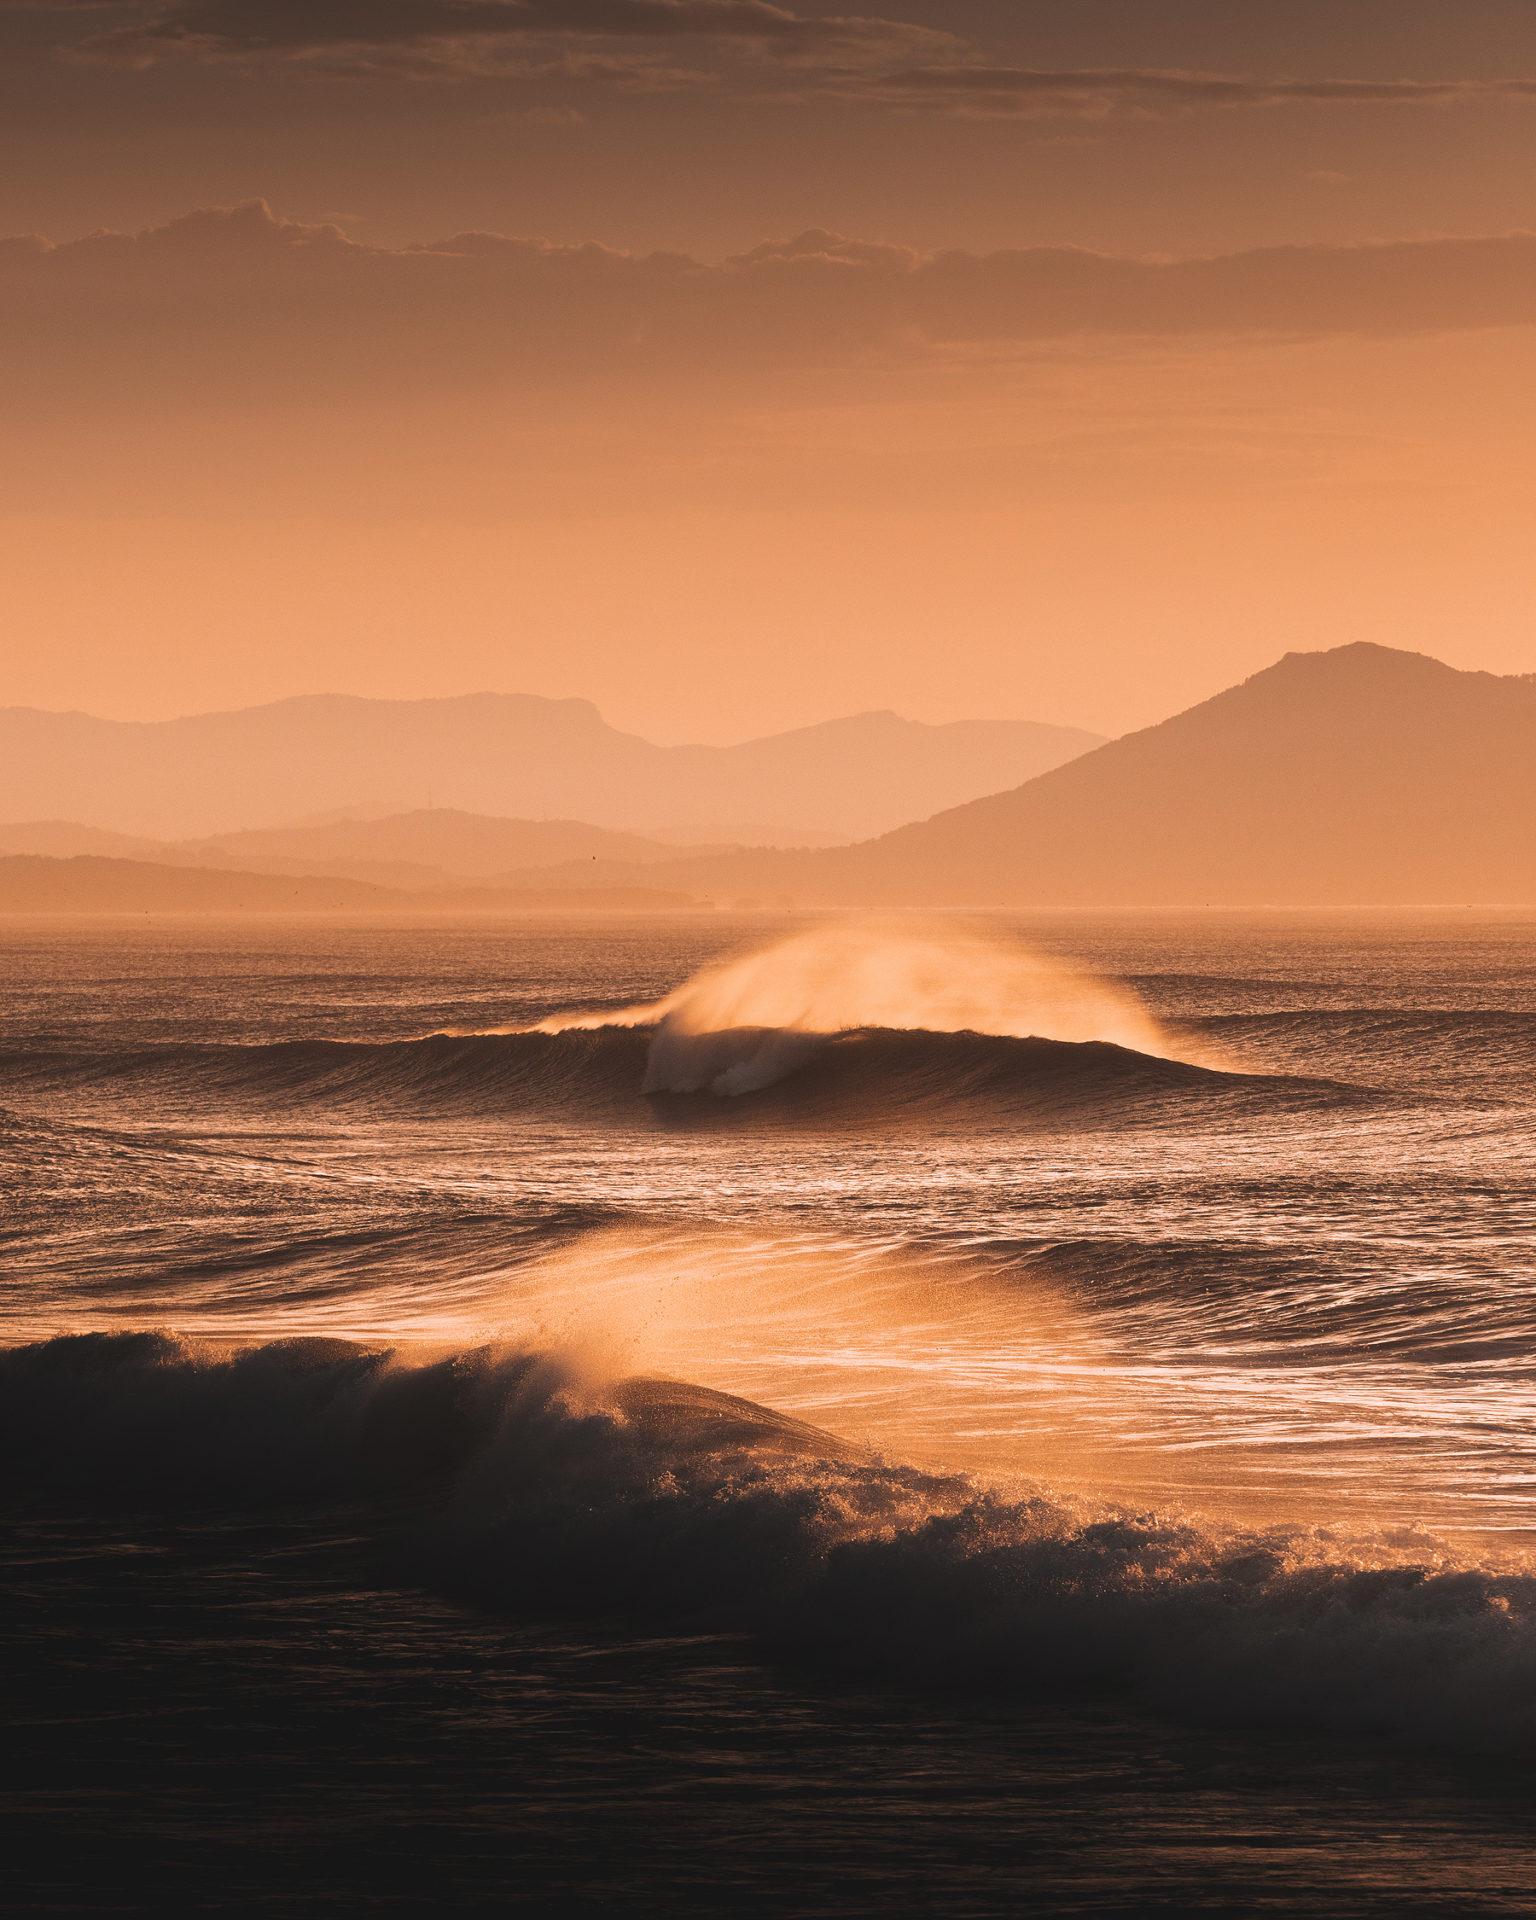 vague au coucher de soleil